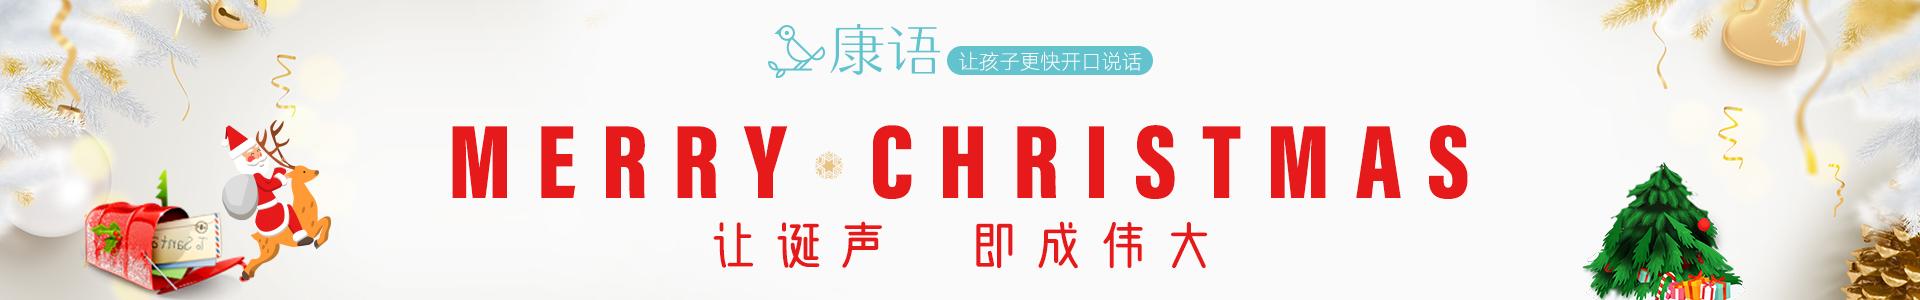 南京康語兒童智能康復中心